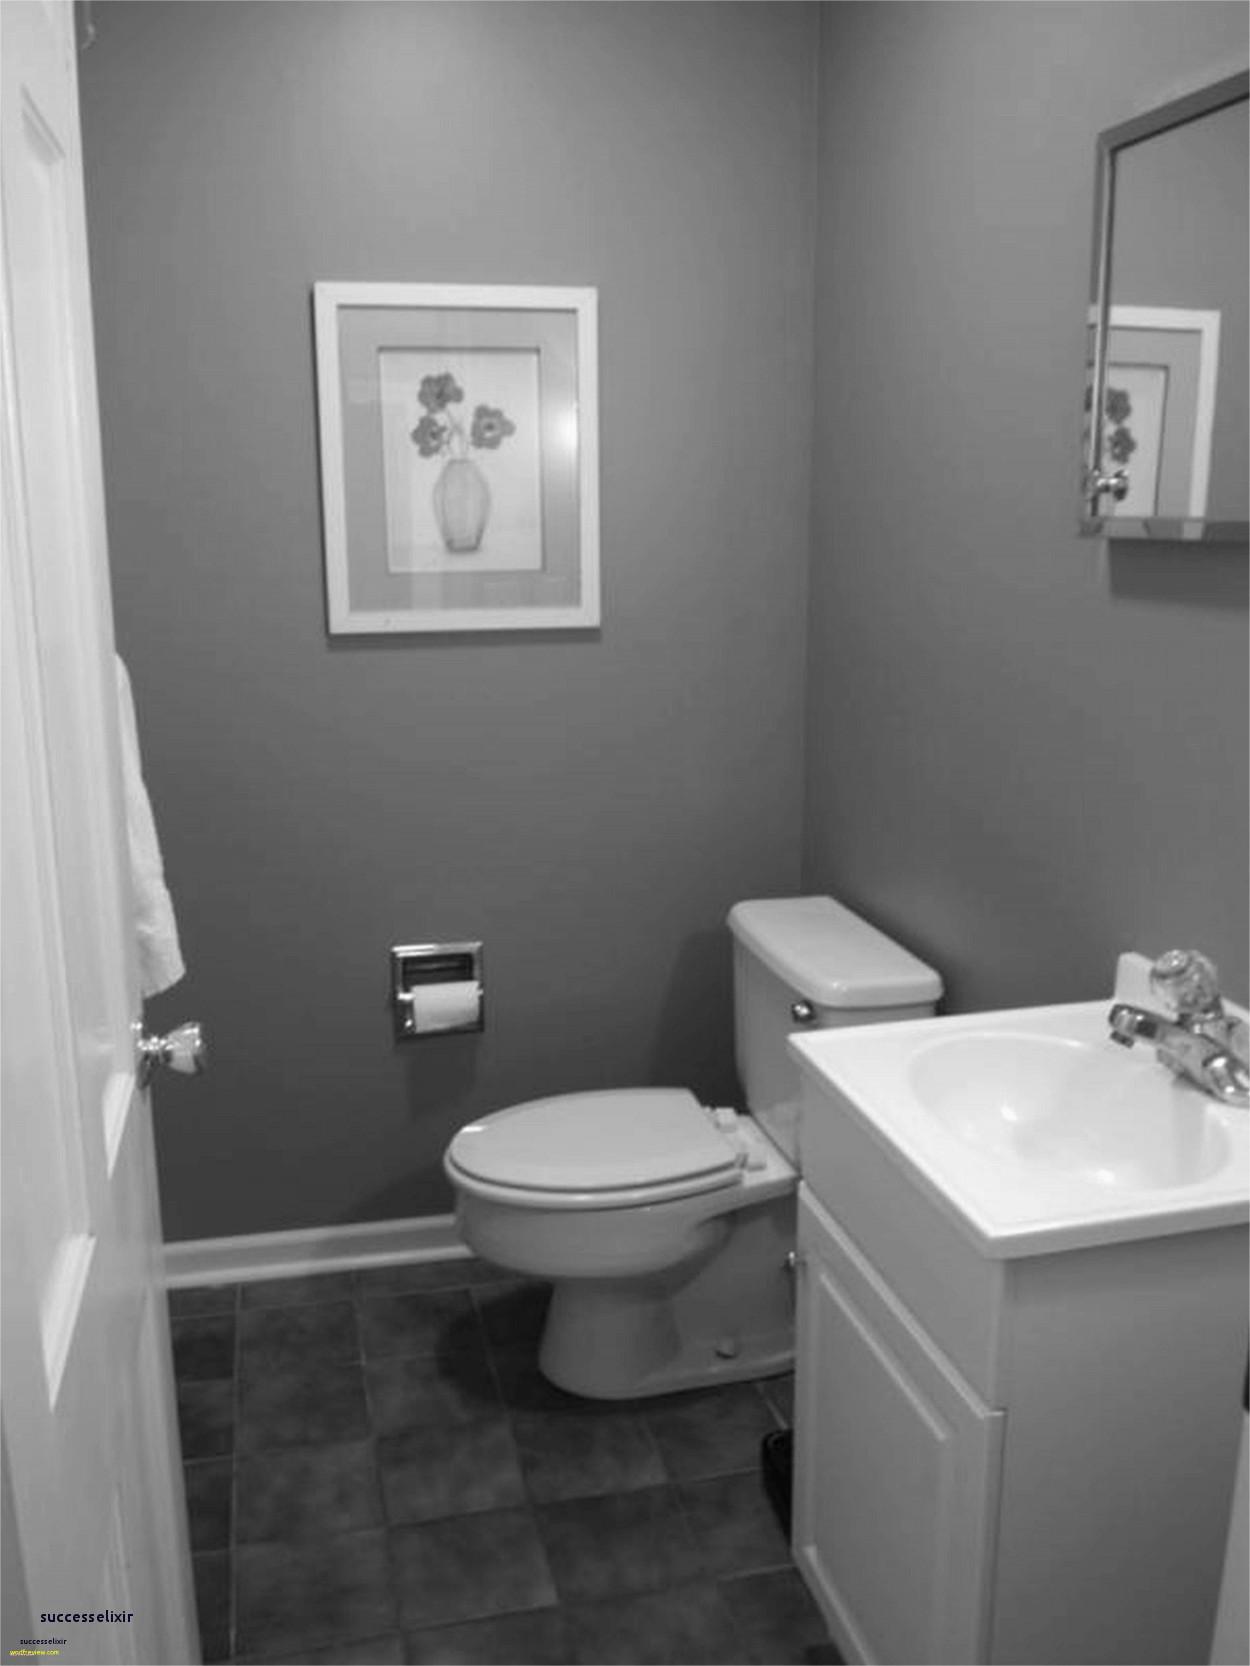 toilet wall tiles design